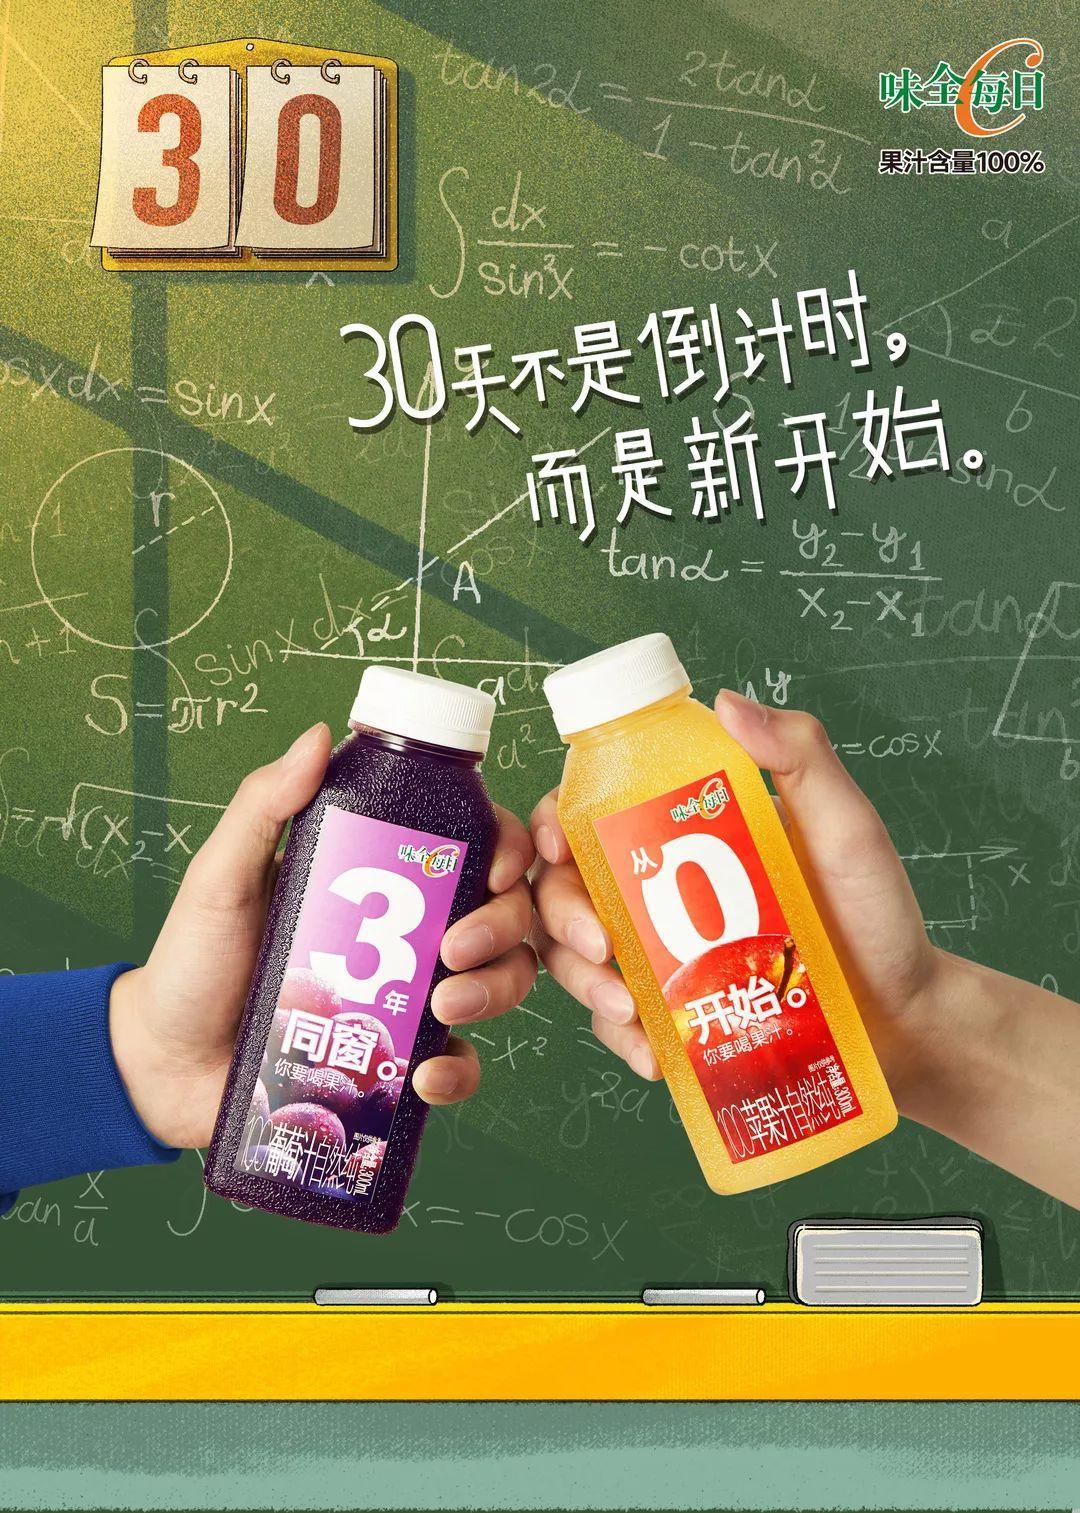 这样说话算数的果汁,还是第一次见!